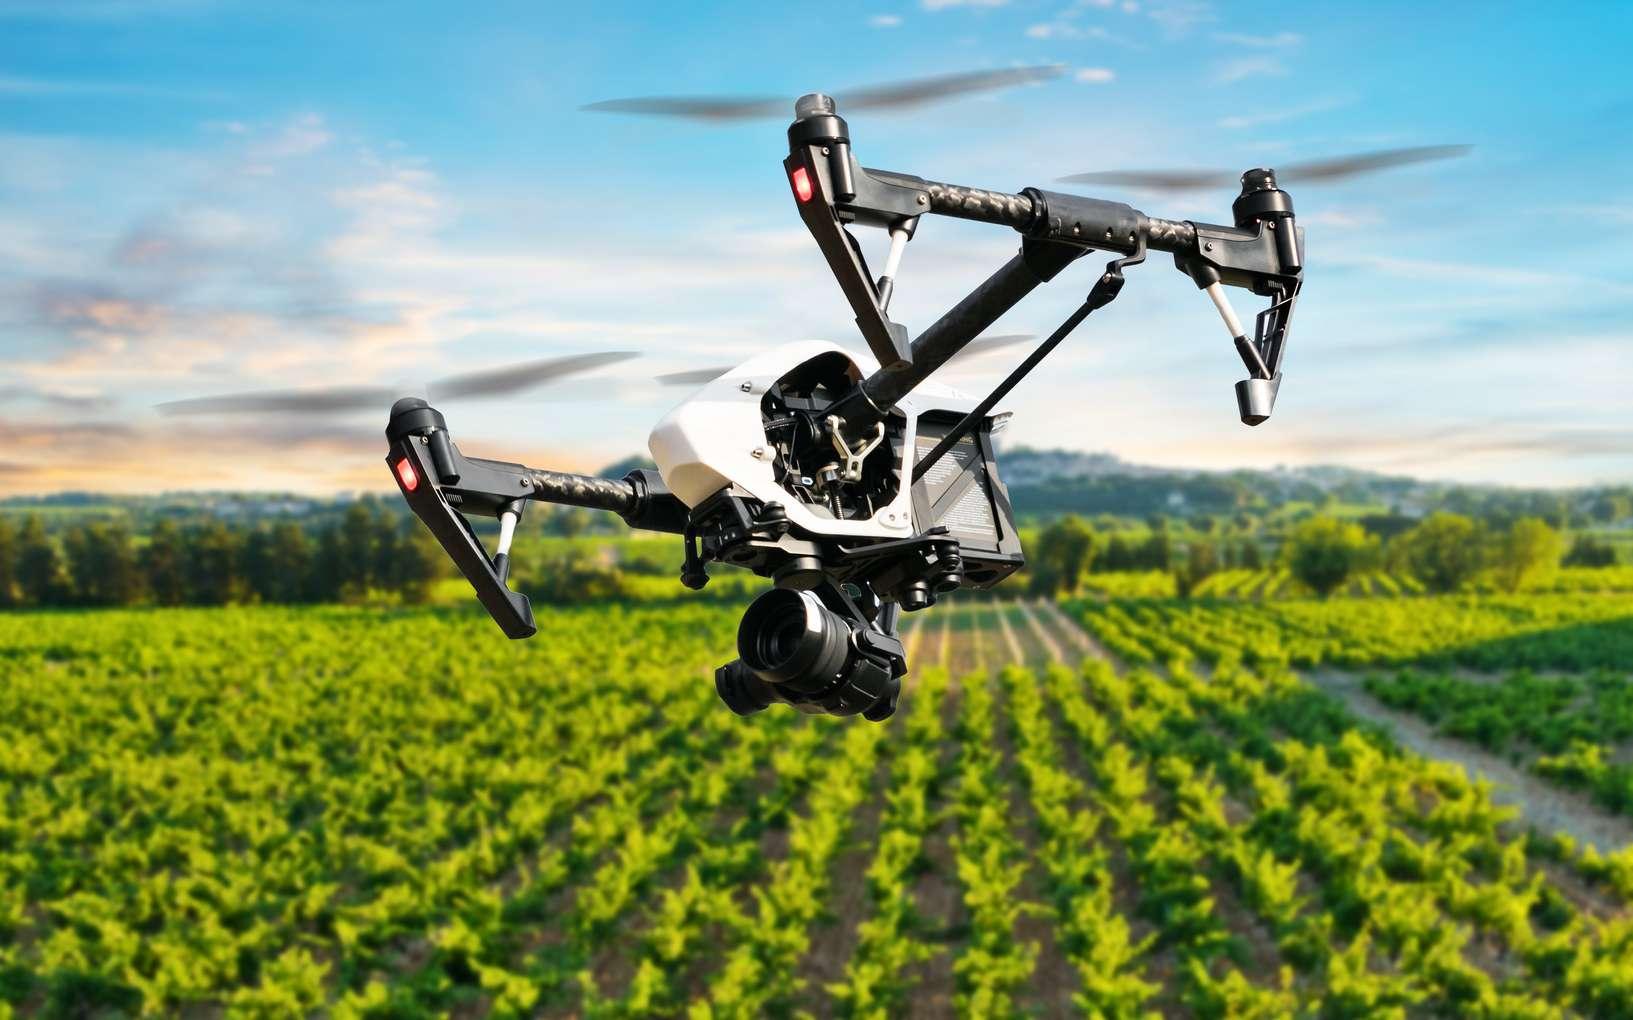 La surveillance de vignobles par drones (ici un modèle différent de celui évoqué dans l'article) commence à se généraliser. Les rôles qu'ils remplissent évoluent rapidement, allant au-delà de la simple caméra. © Jag_cz, Fotolia